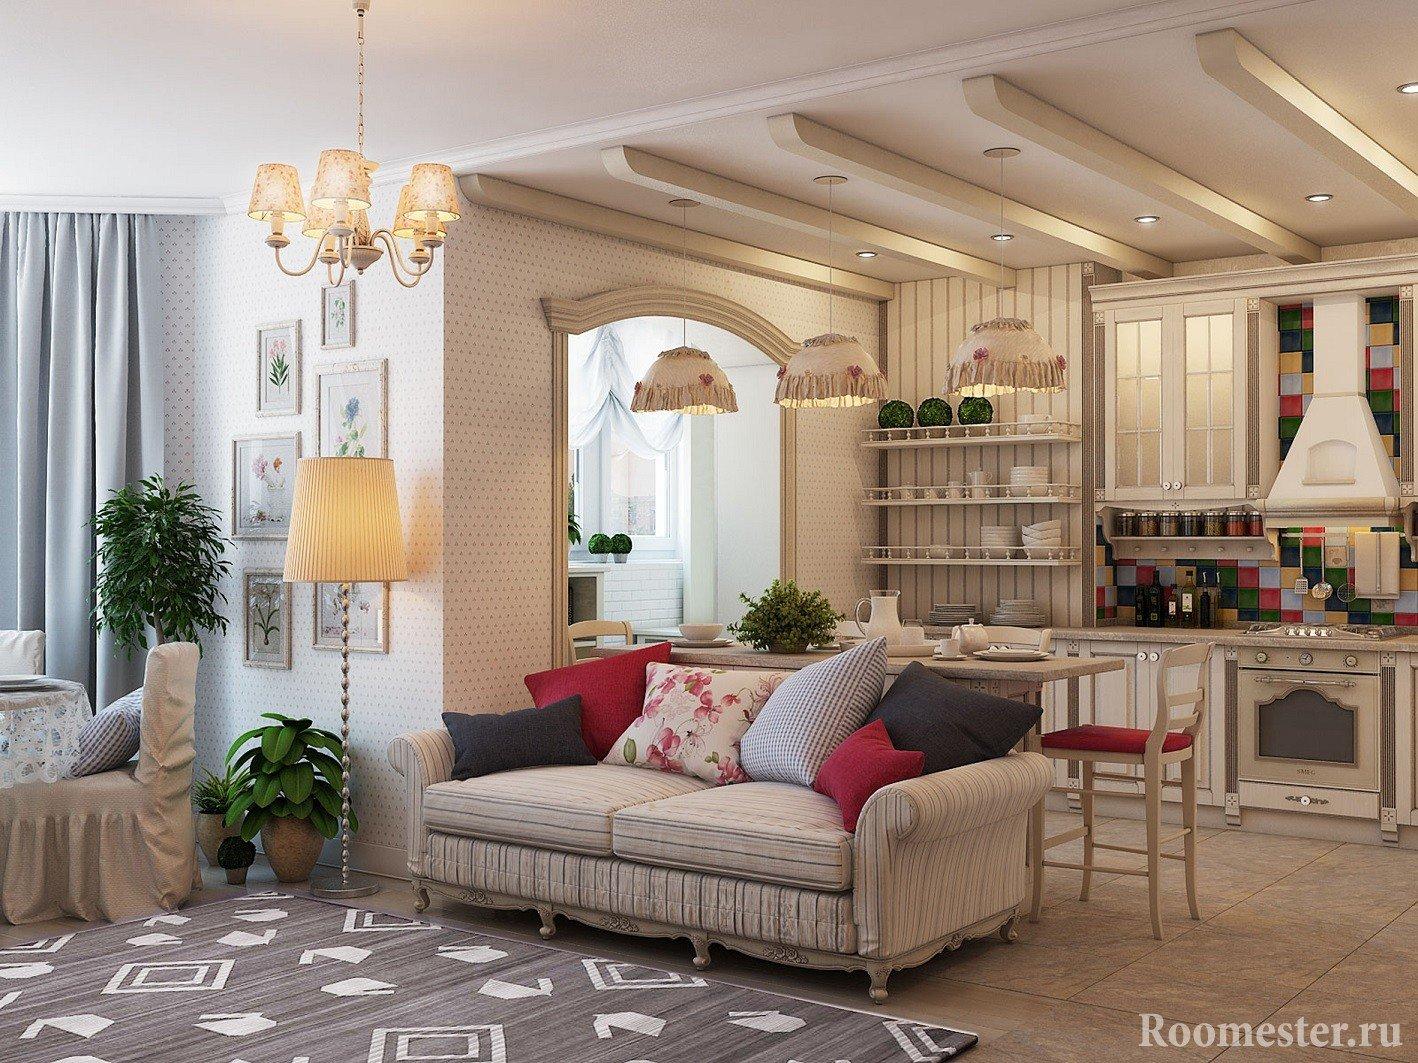 Зонирование комнаты с помощью дивана